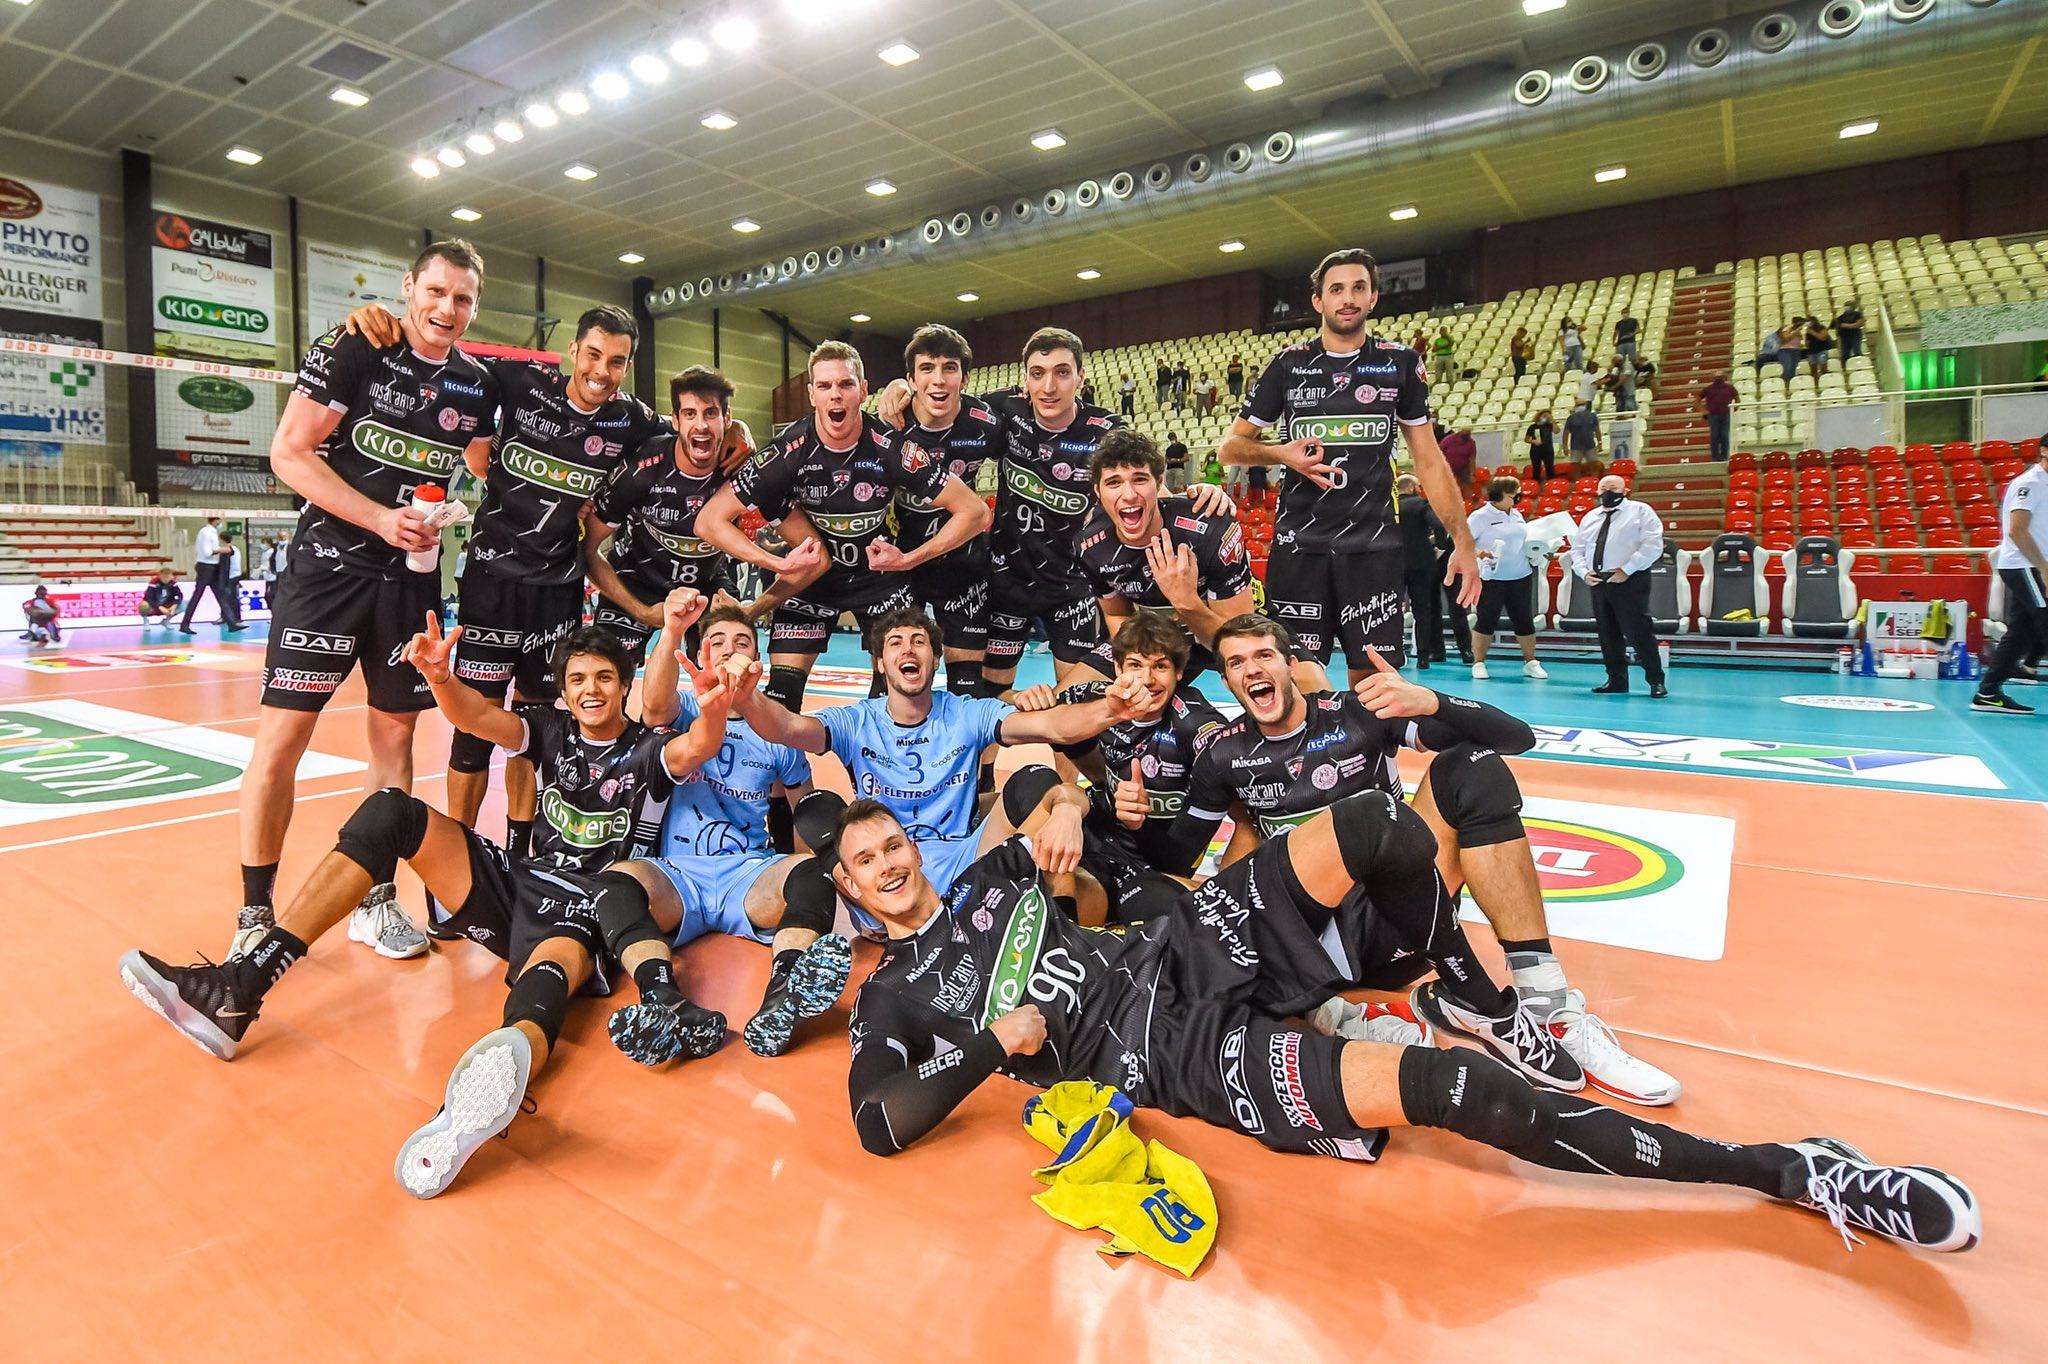 Volley, il Trento è decimato dal Covid, il Padova dà l'ok per il rinvio: «Non era giusto giocare»